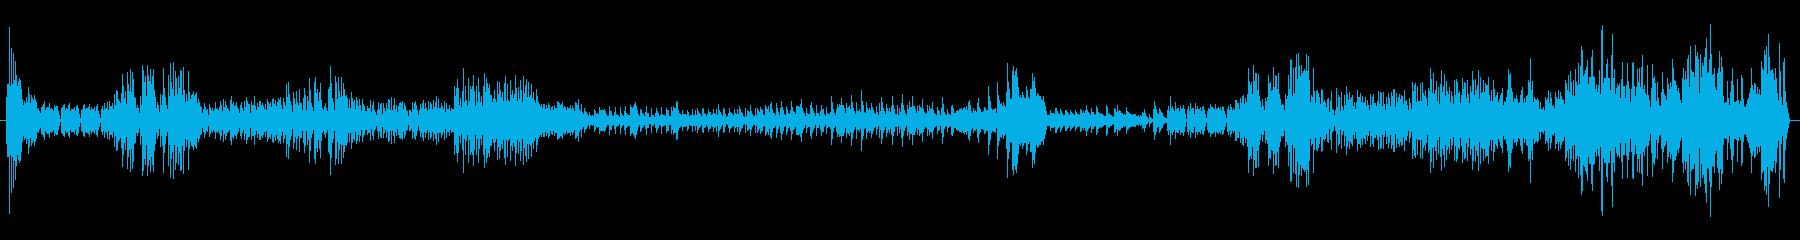 葬送曲の再生済みの波形